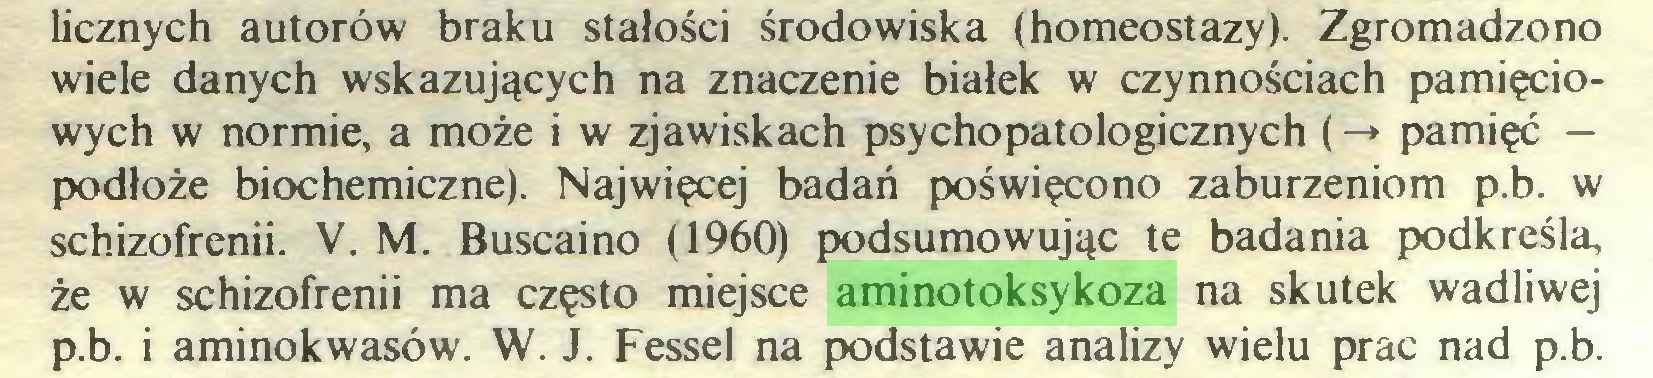 (...) licznych autorów braku stałości środowiska (homeostazy). Zgromadzono wiele danych wskazujących na znaczenie białek w czynnościach pamięciowych w normie, a może i w zjawiskach psychopatologicznych (-* pamięć — podłoże biochemiczne). Najwięcej badań poświęcono zaburzeniom p.b. w schizofrenii. V. M. Buscaino (1960) podsumowując te badania podkreśla, że w schizofrenii ma często miejsce aminotoksykoza na skutek wadliwej p. b. i aminokwasów. W. J. Fessel na podstawie analizy wielu prac nad p.b...